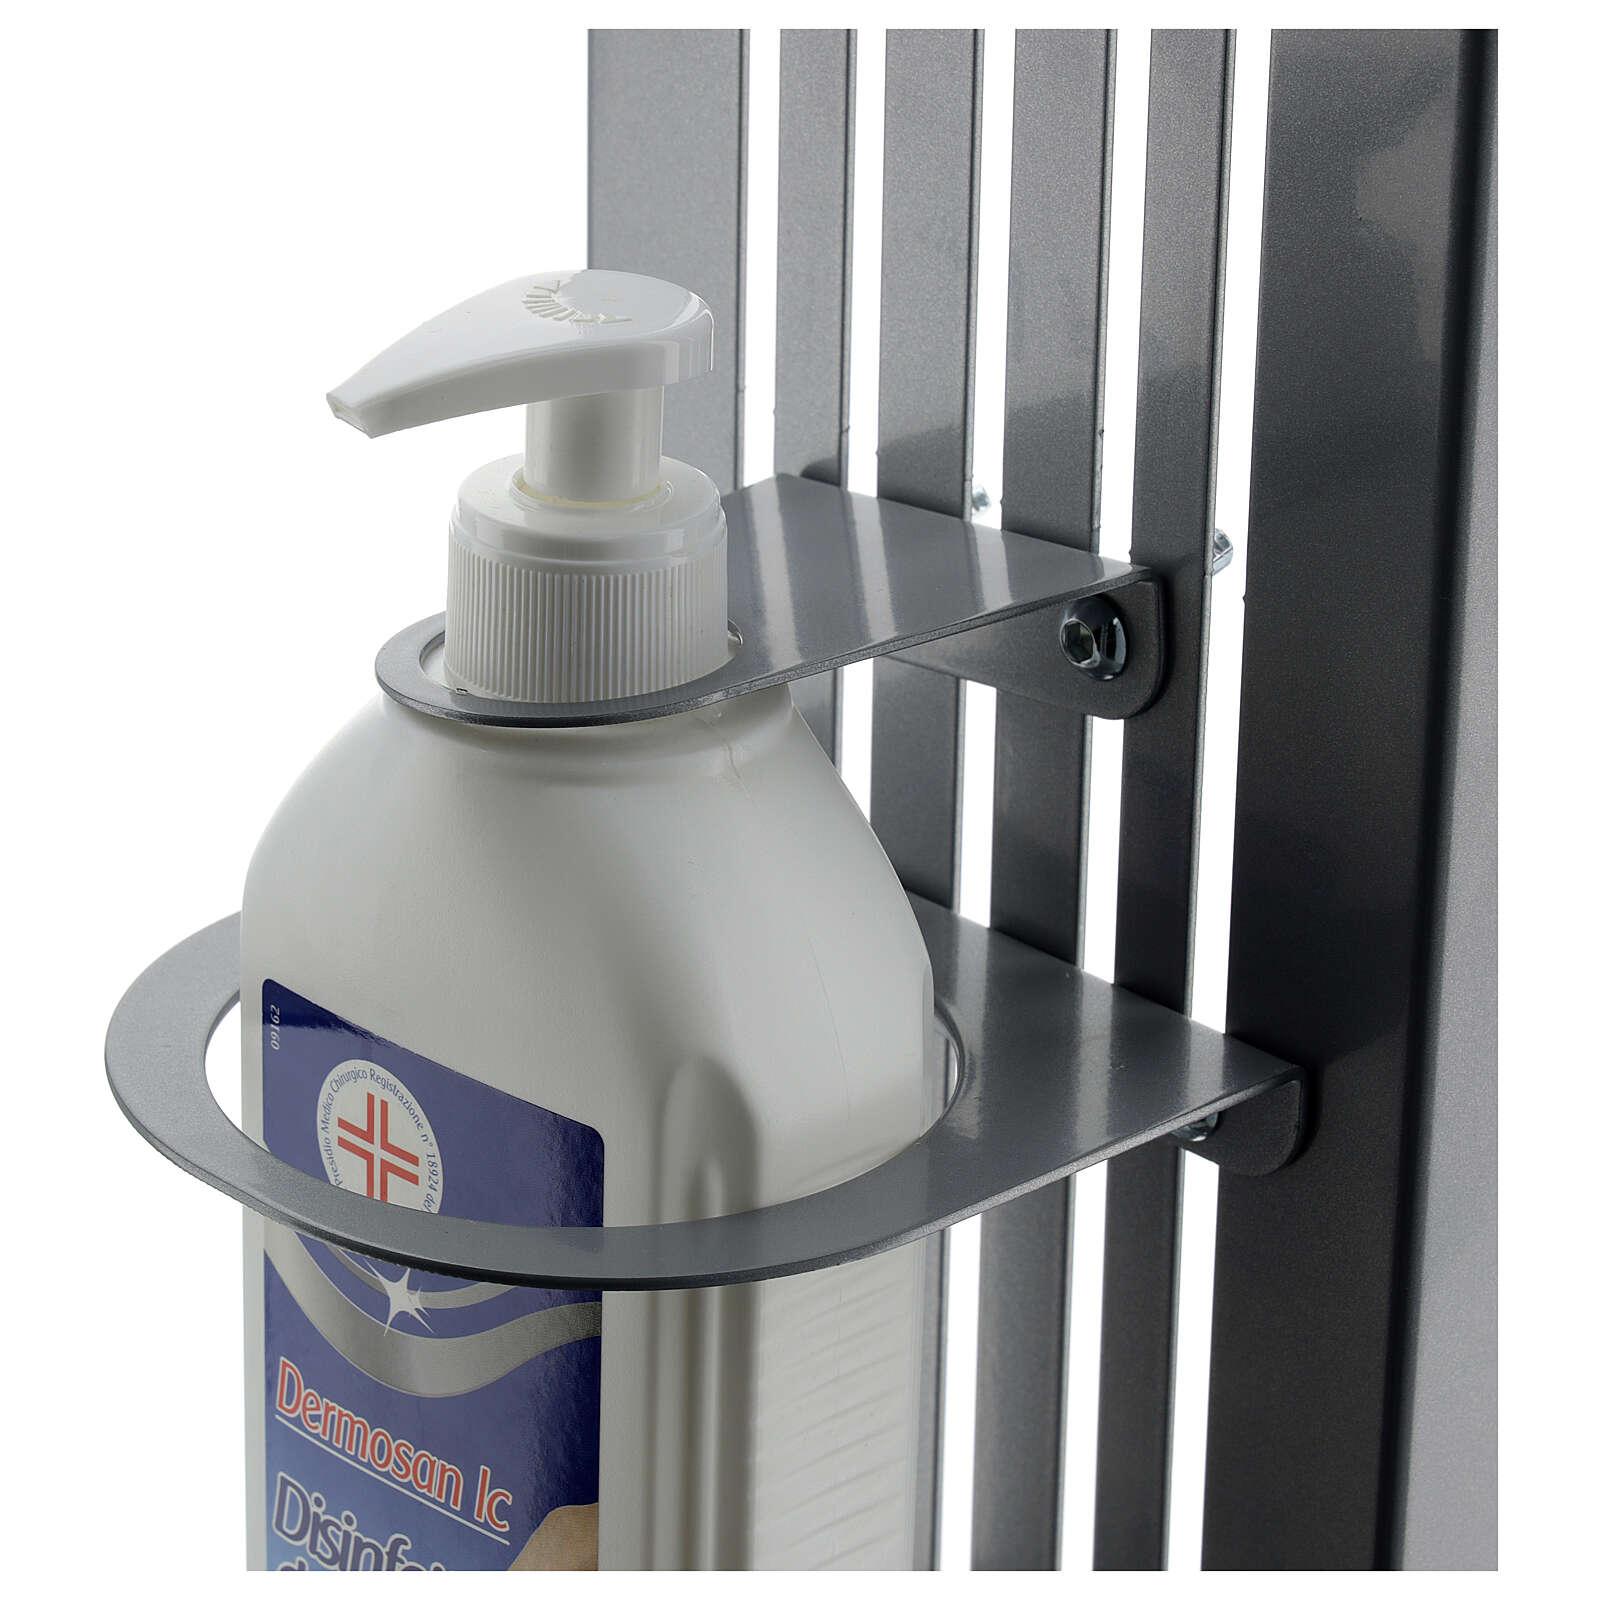 Hände-Desinfektionsmittelspender aus Metall, verstellbar, für AUßENGEBRAUCH 3